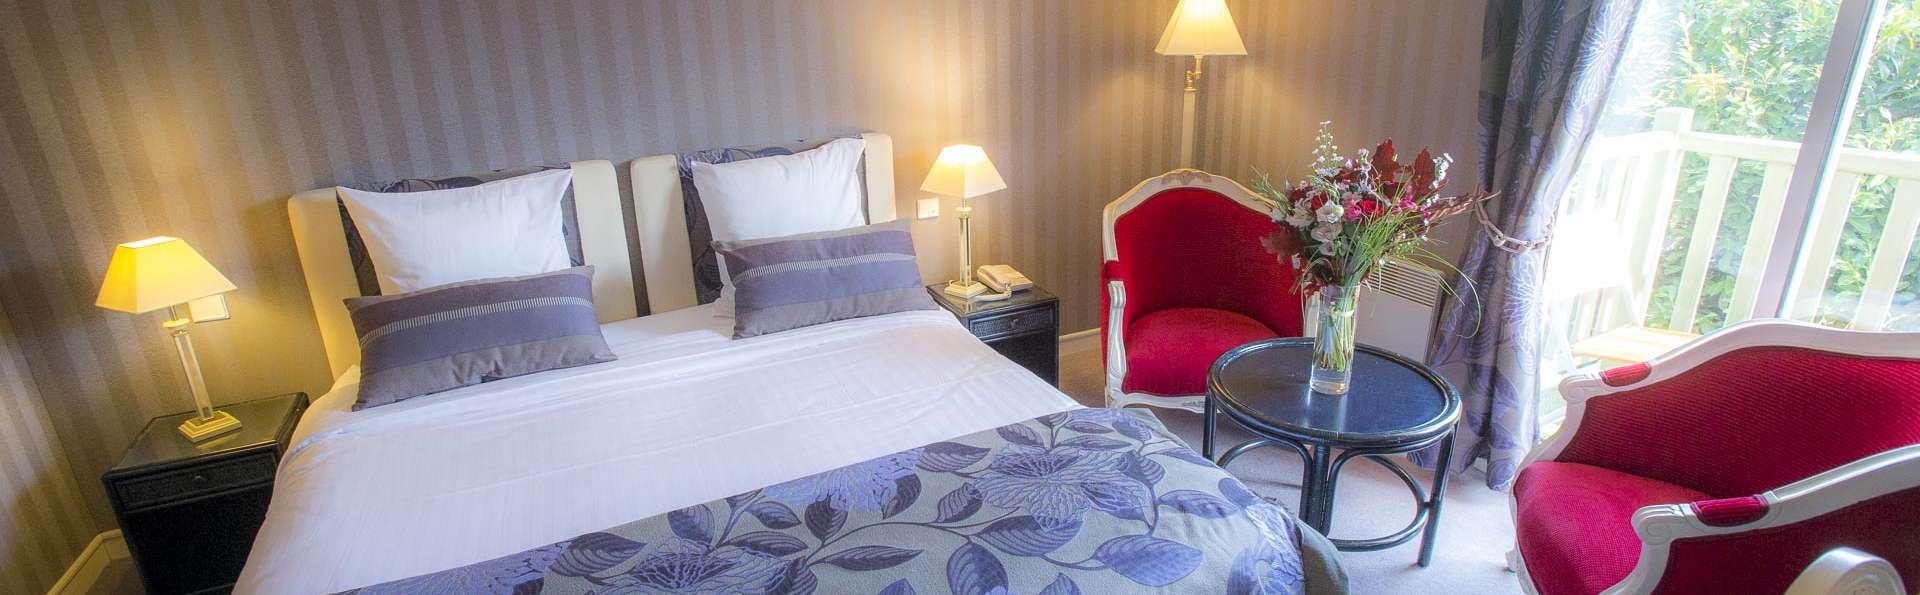 Week-end en chambre supérieure à Deauville